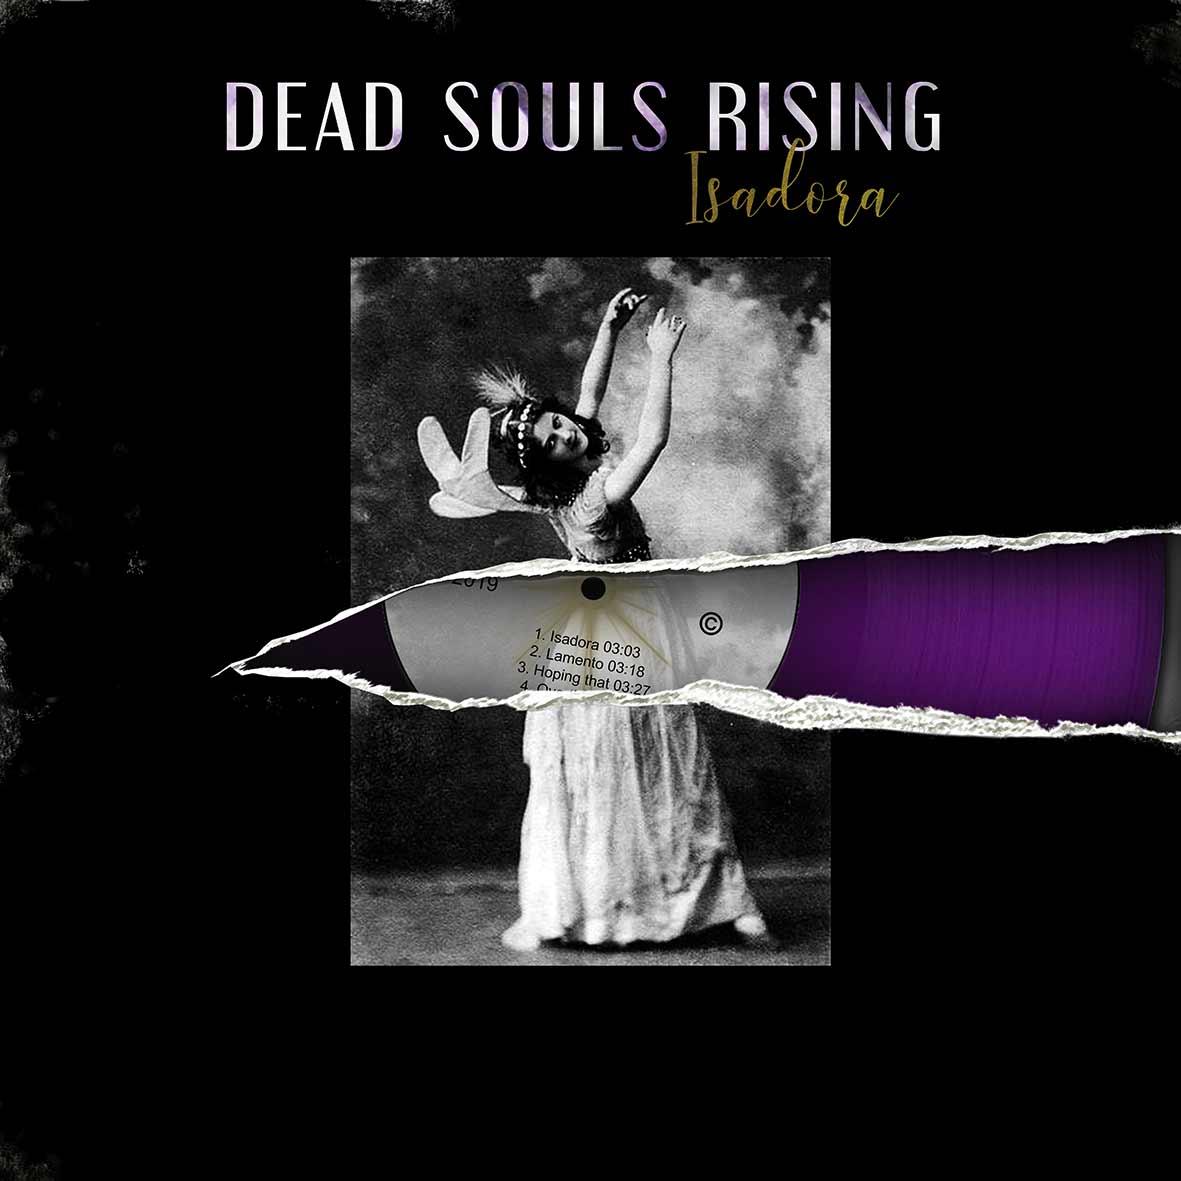 """pochette disque Dead Souls Rising """"isadora"""""""